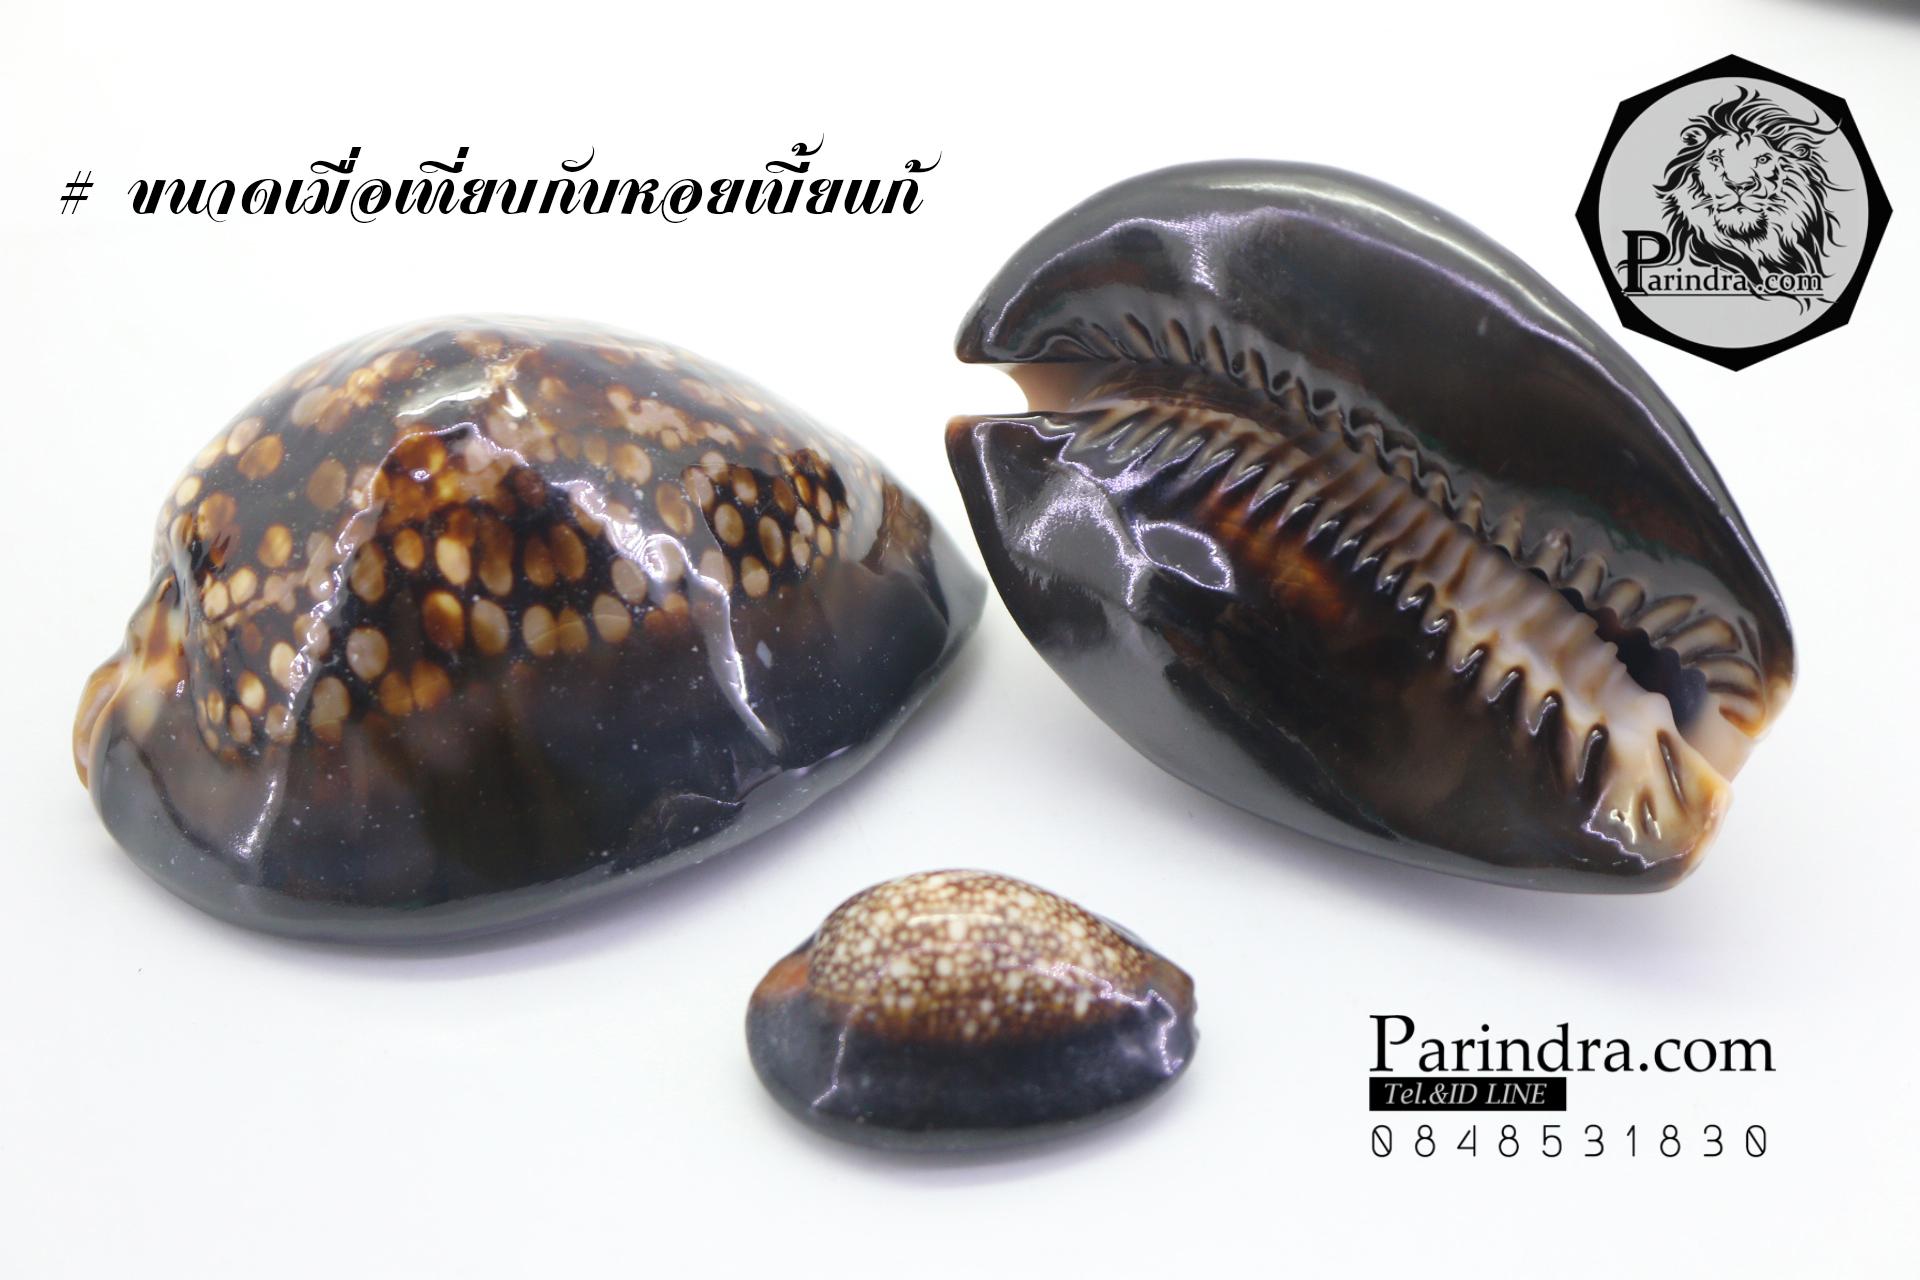 ขายเปลือกหอยเบี้ยขนาดใหญ่ หอยเบี้ยหลังค่อม หอยเบี้ยควาย #Mauritia mauritiana ขนาด 2.5 นิ้ว